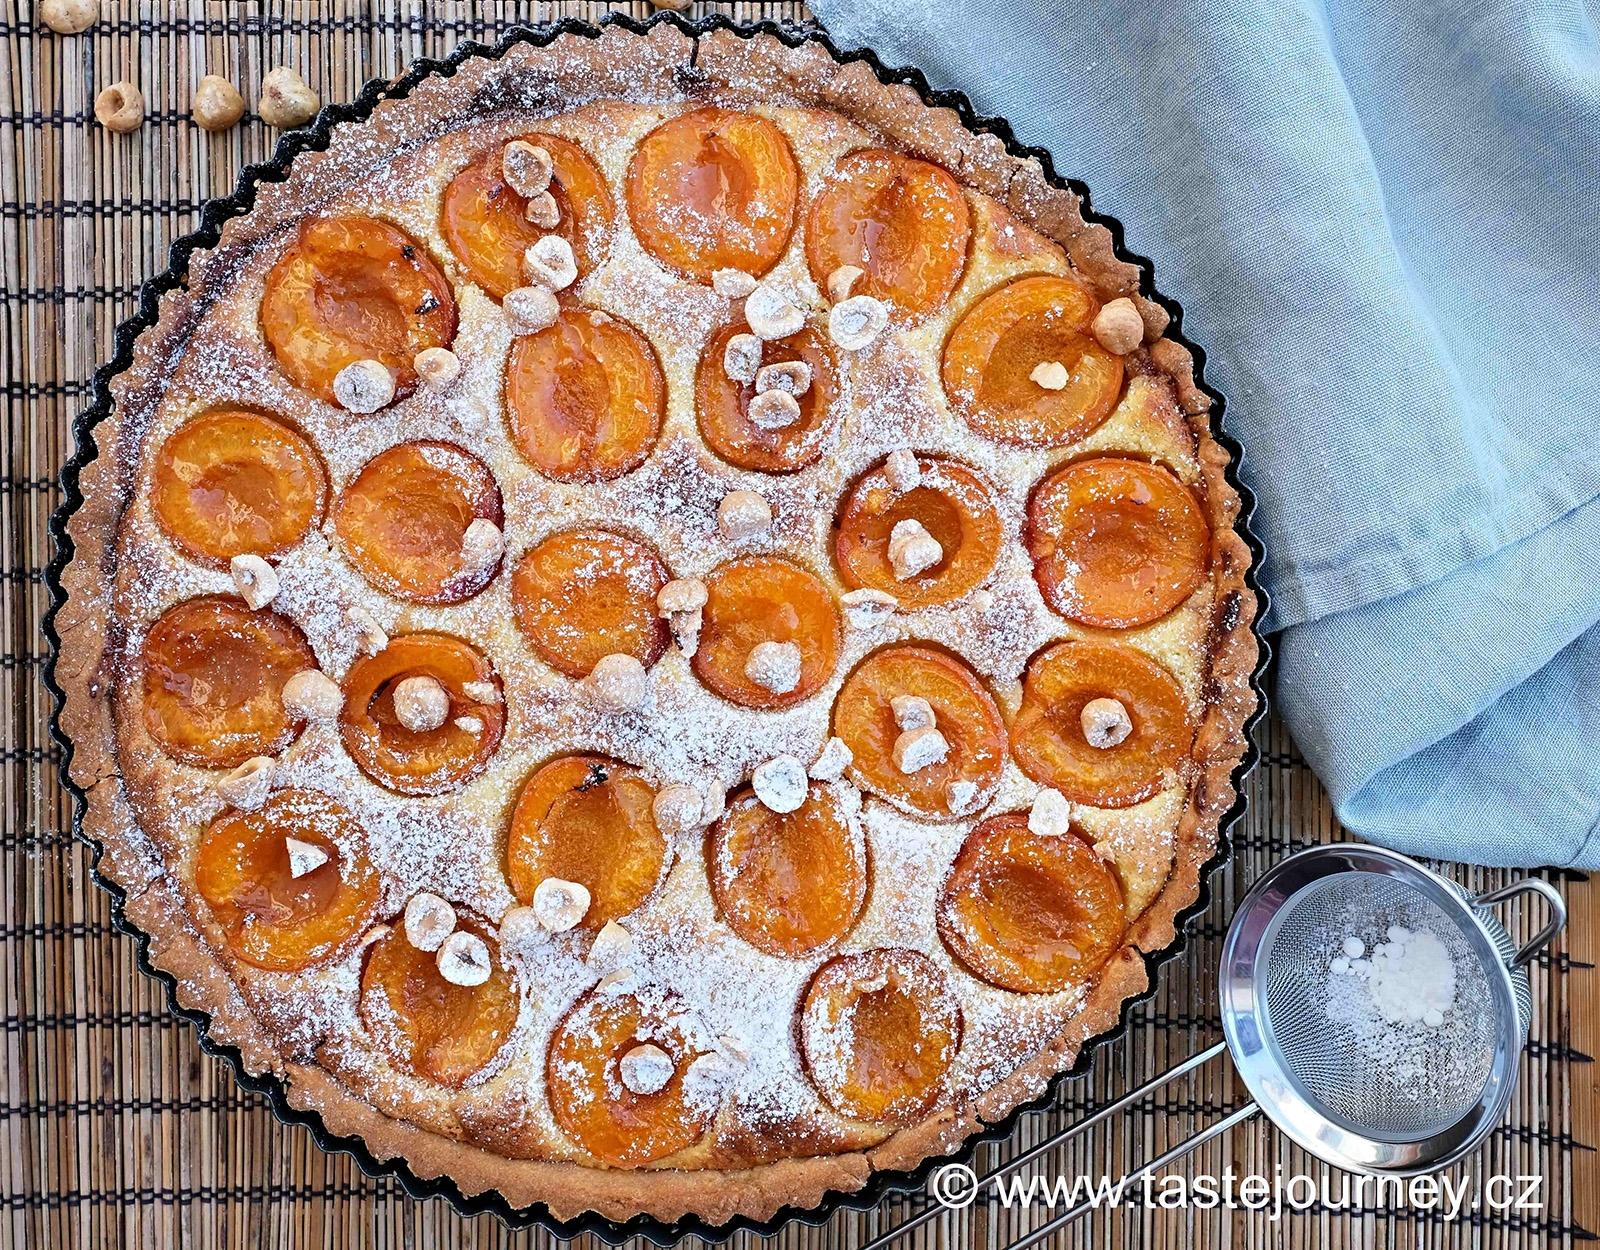 Meruňky ve frangipane - dokonale rustikální francouzský koláč